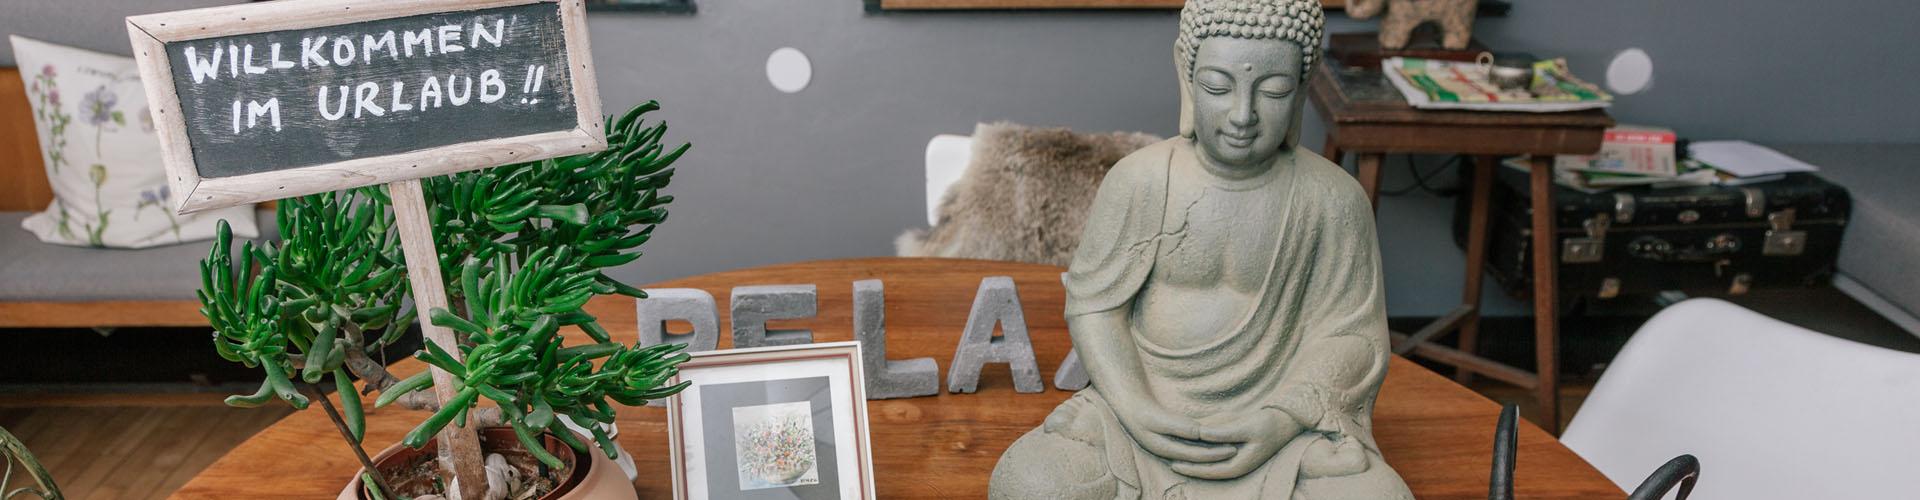 buddha-uralub-relaxen-sommer